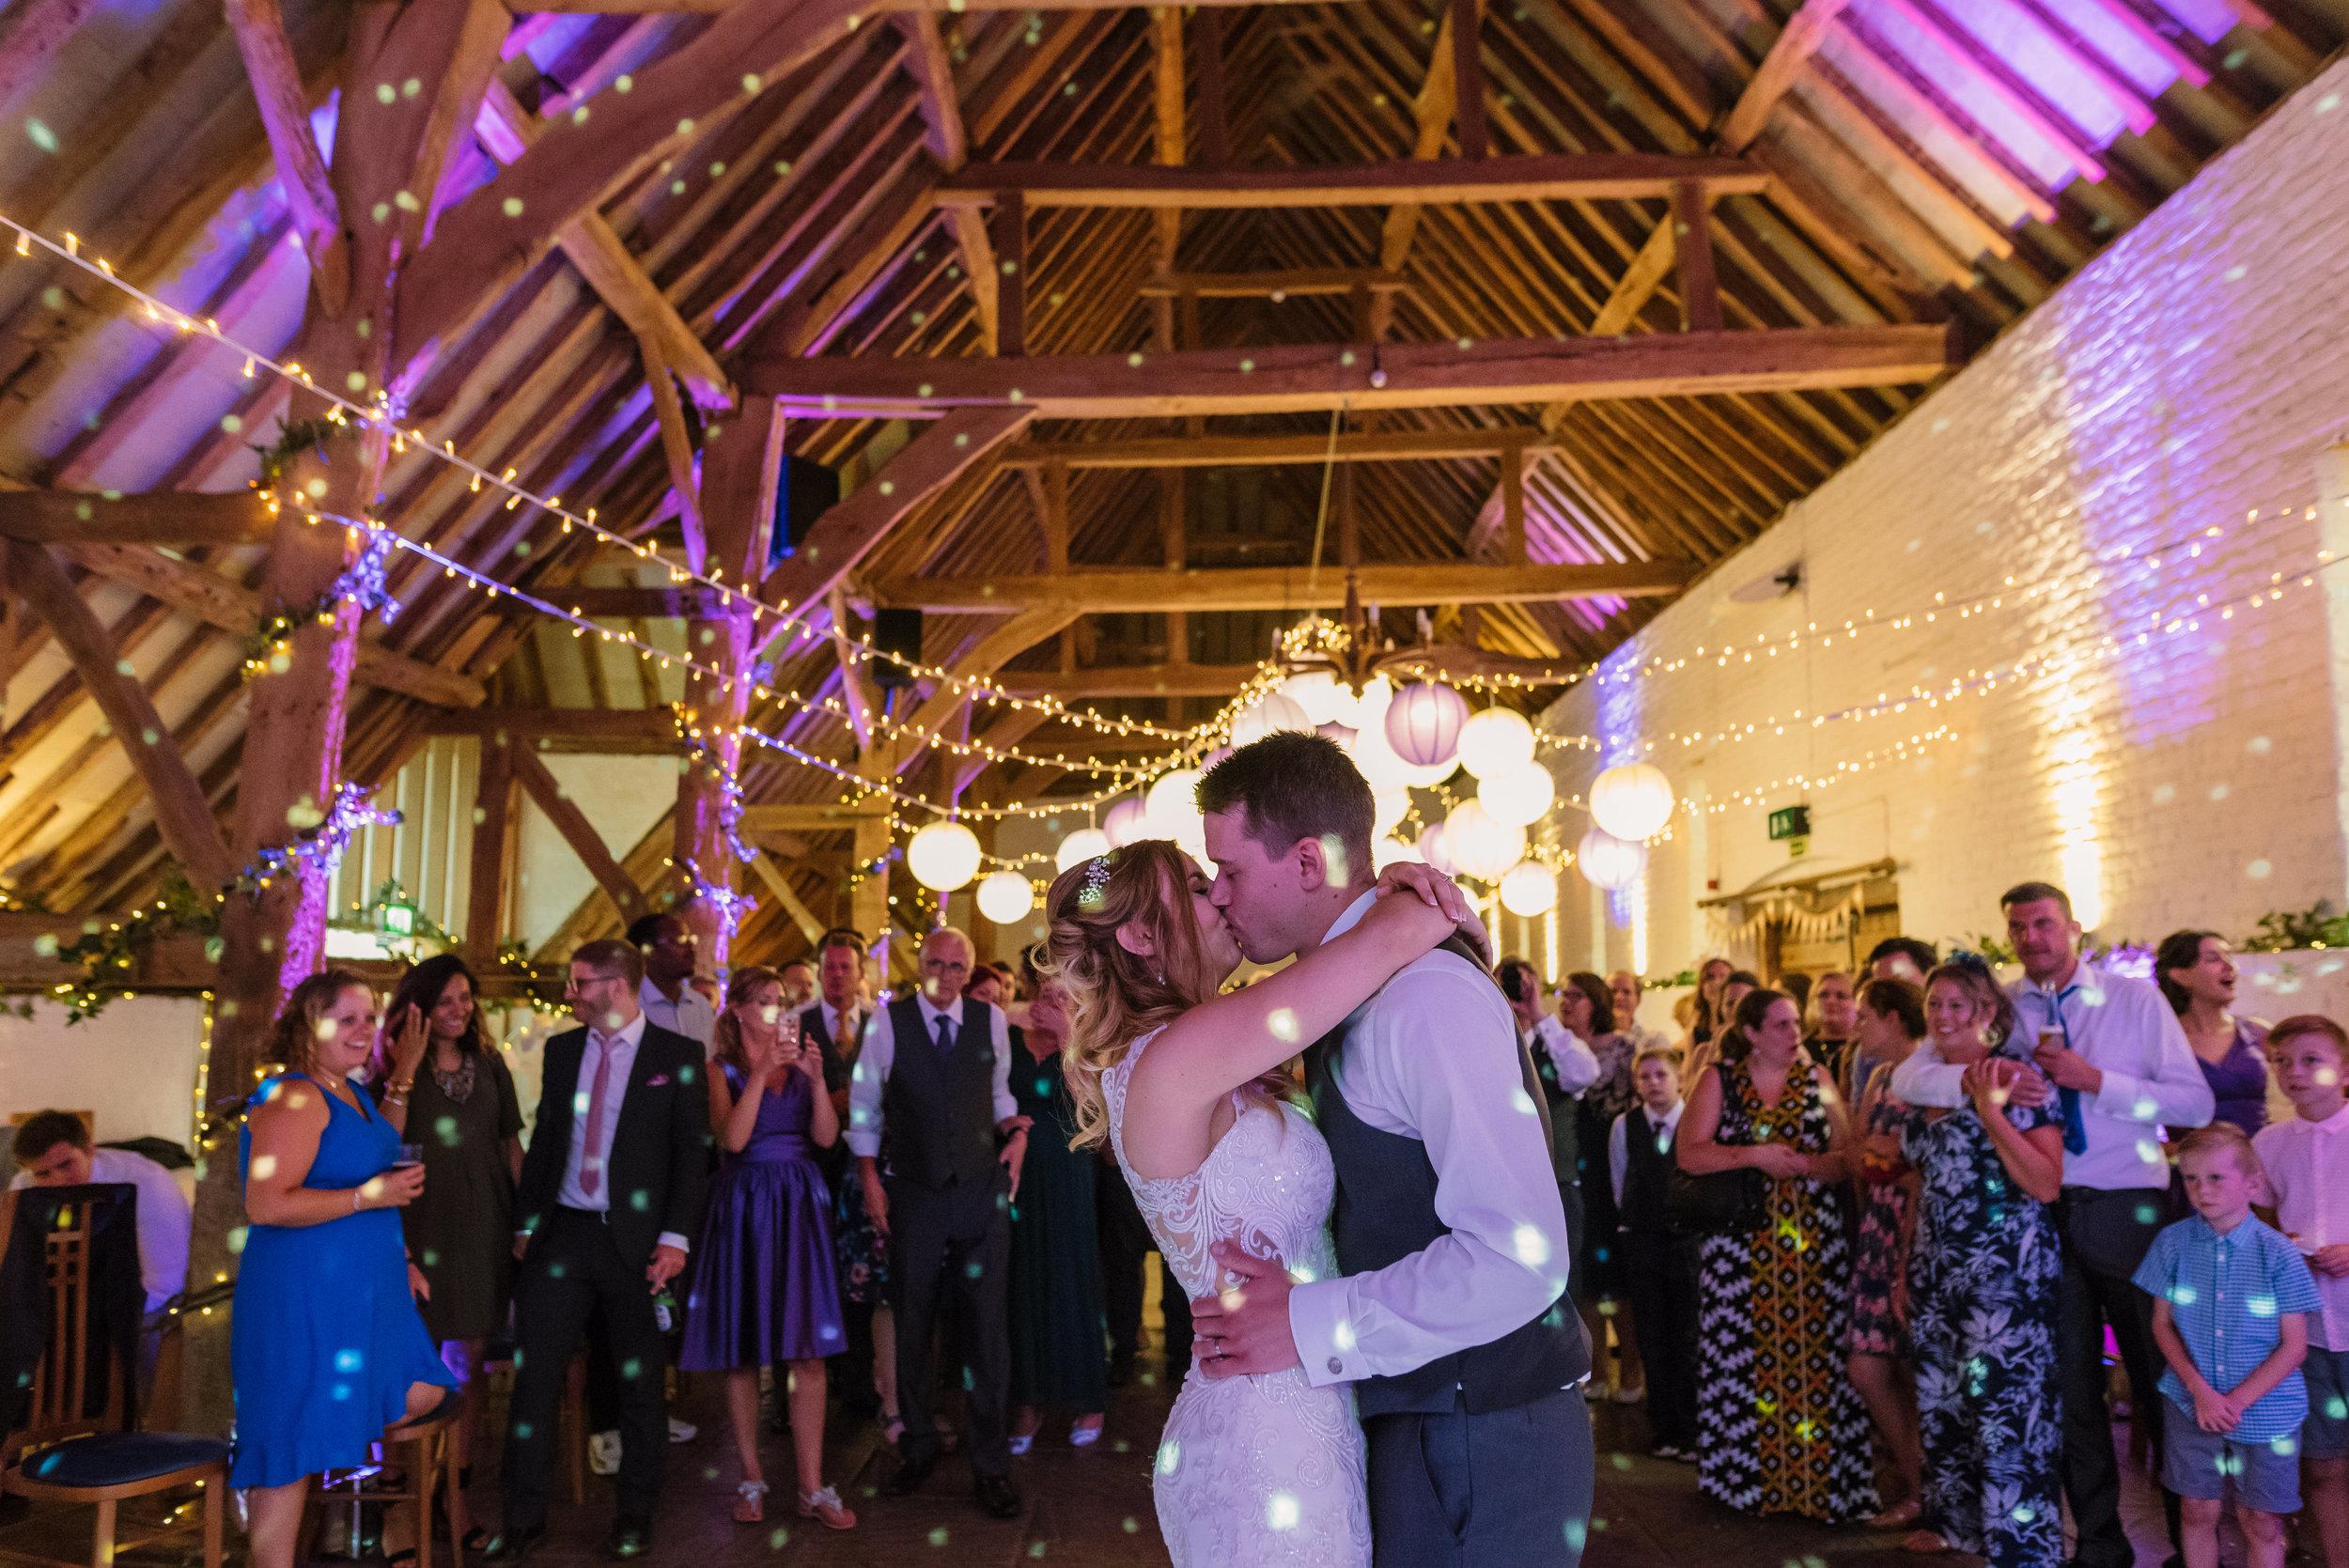 Hampshire Wedding Photographer Hampshire : Ufton-Court-Wedding : Barn-wedding-venue-hampshire : sarah-fishlock-photography : hampshire-barn-wedding-1105.jpg